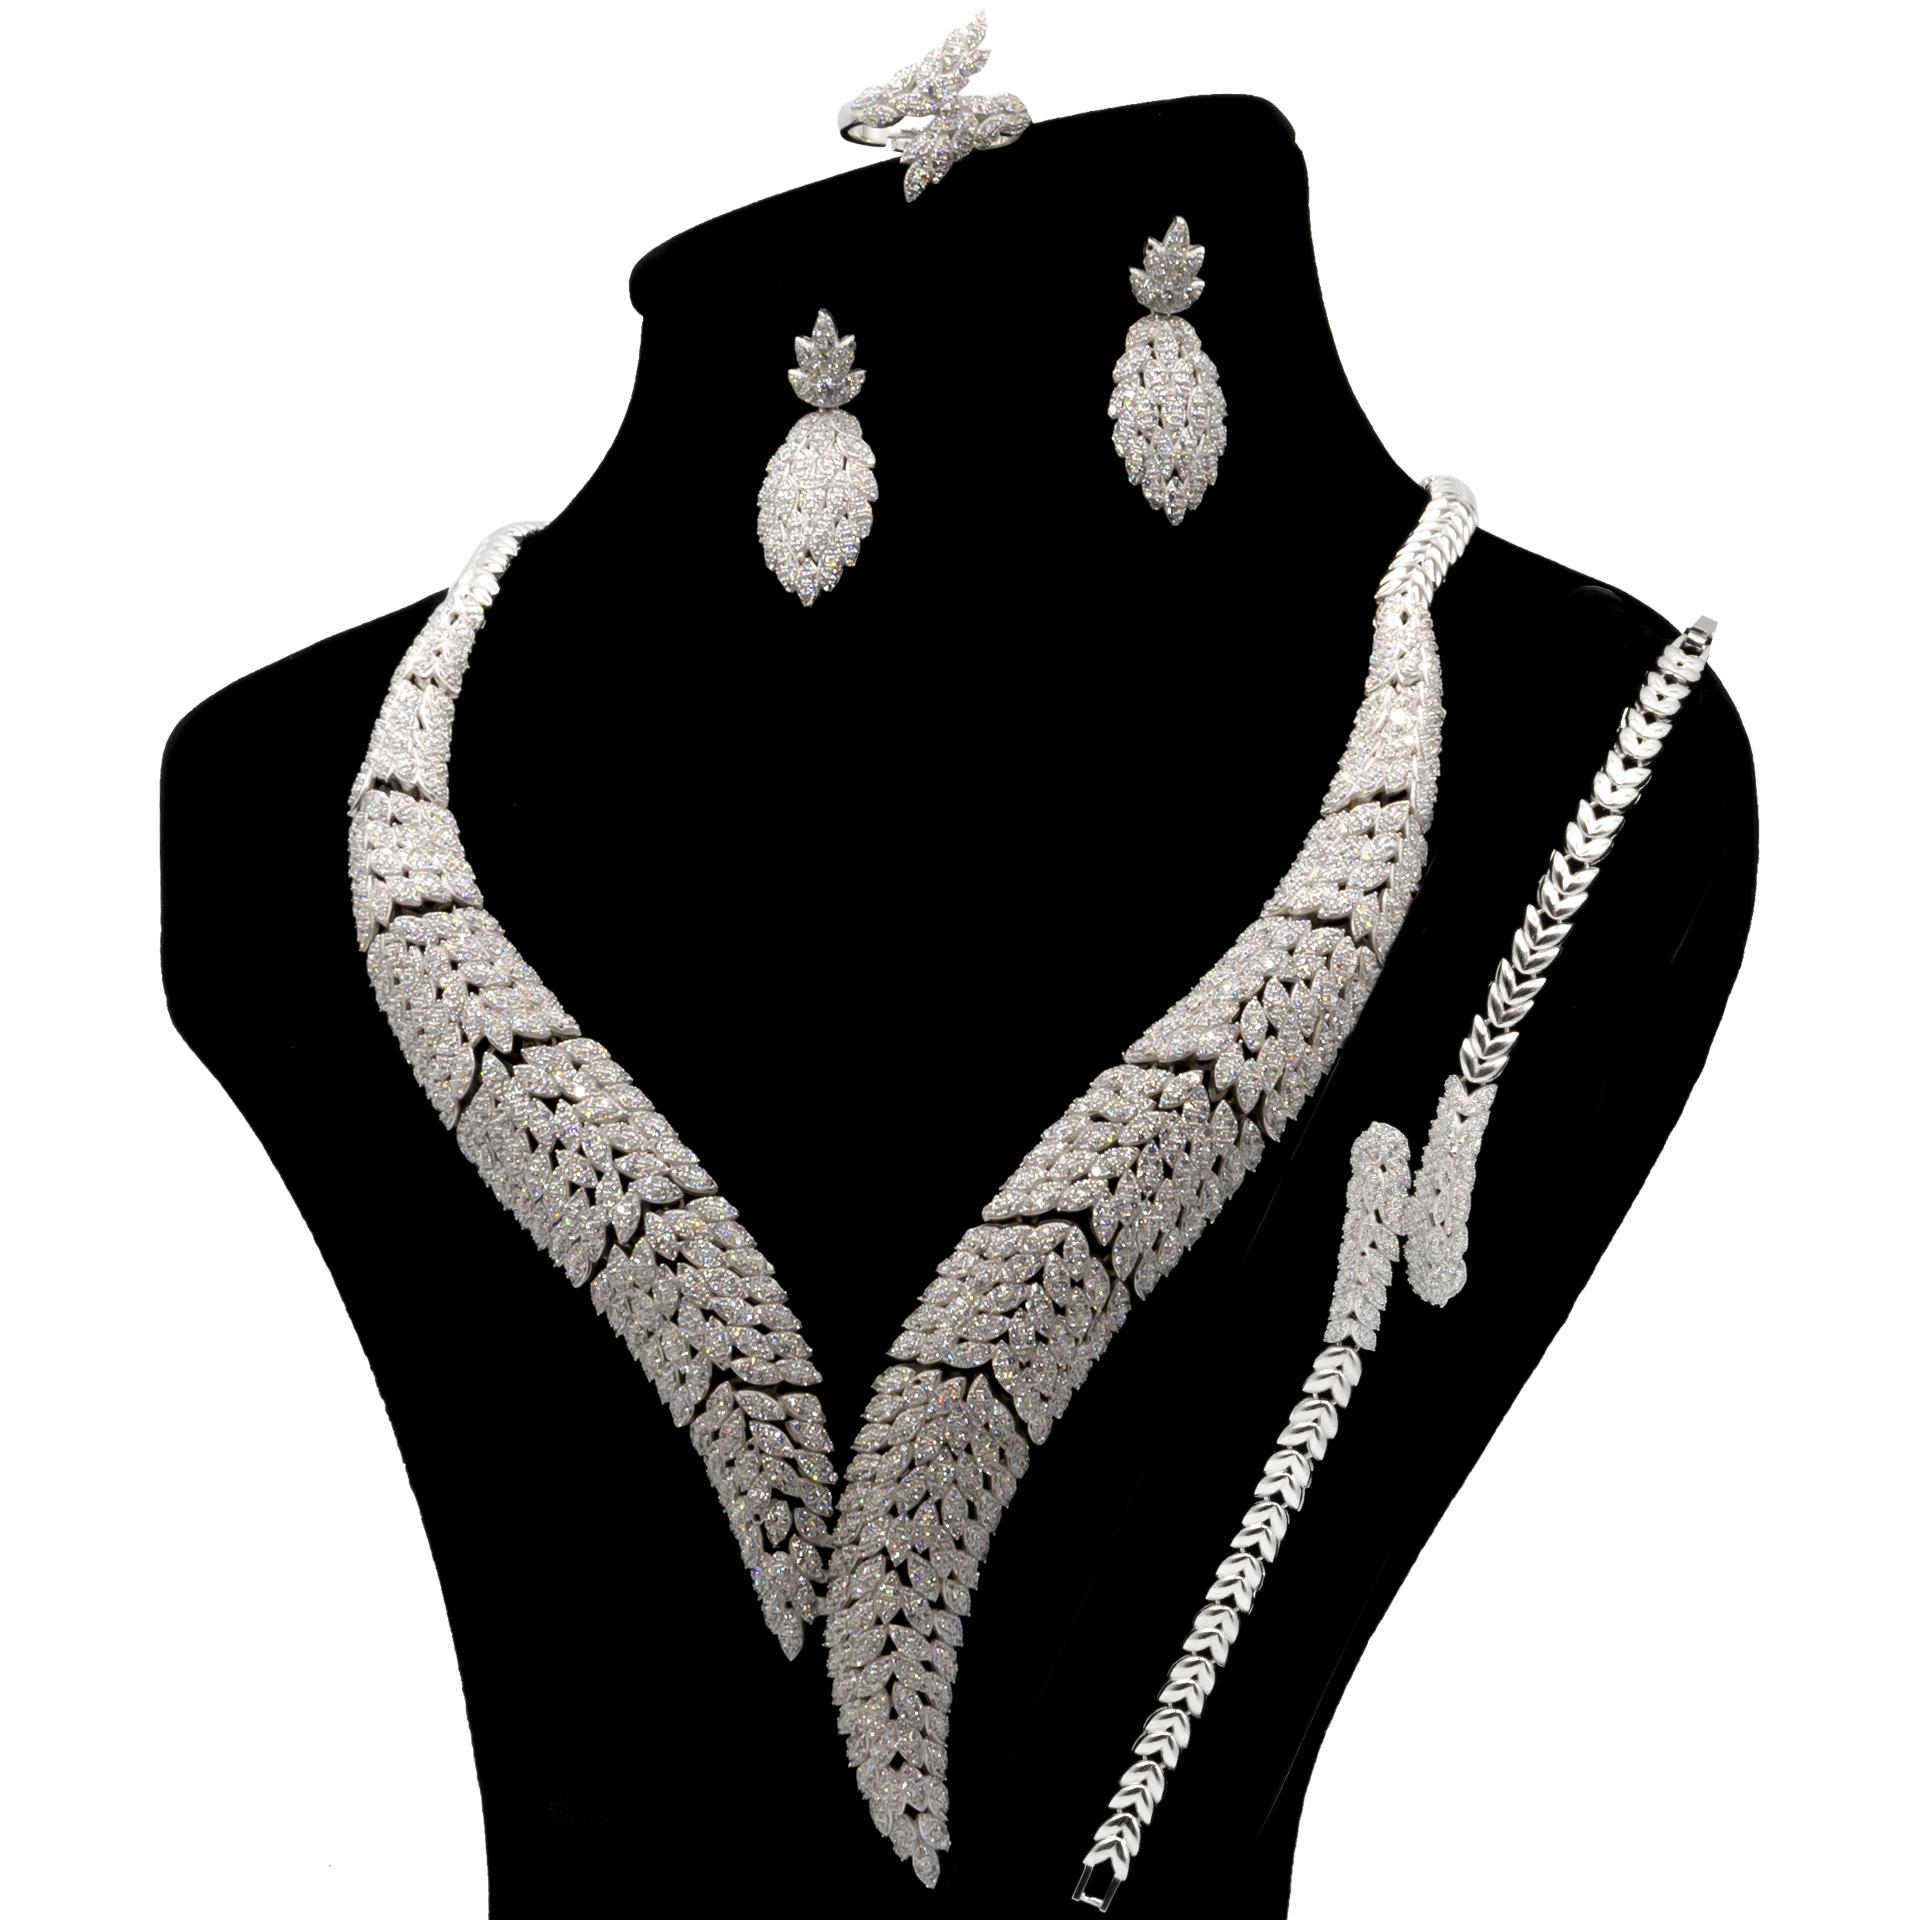 عکس ست نقره زنانه بهارگالری مدل Diamond Jewel کد S2